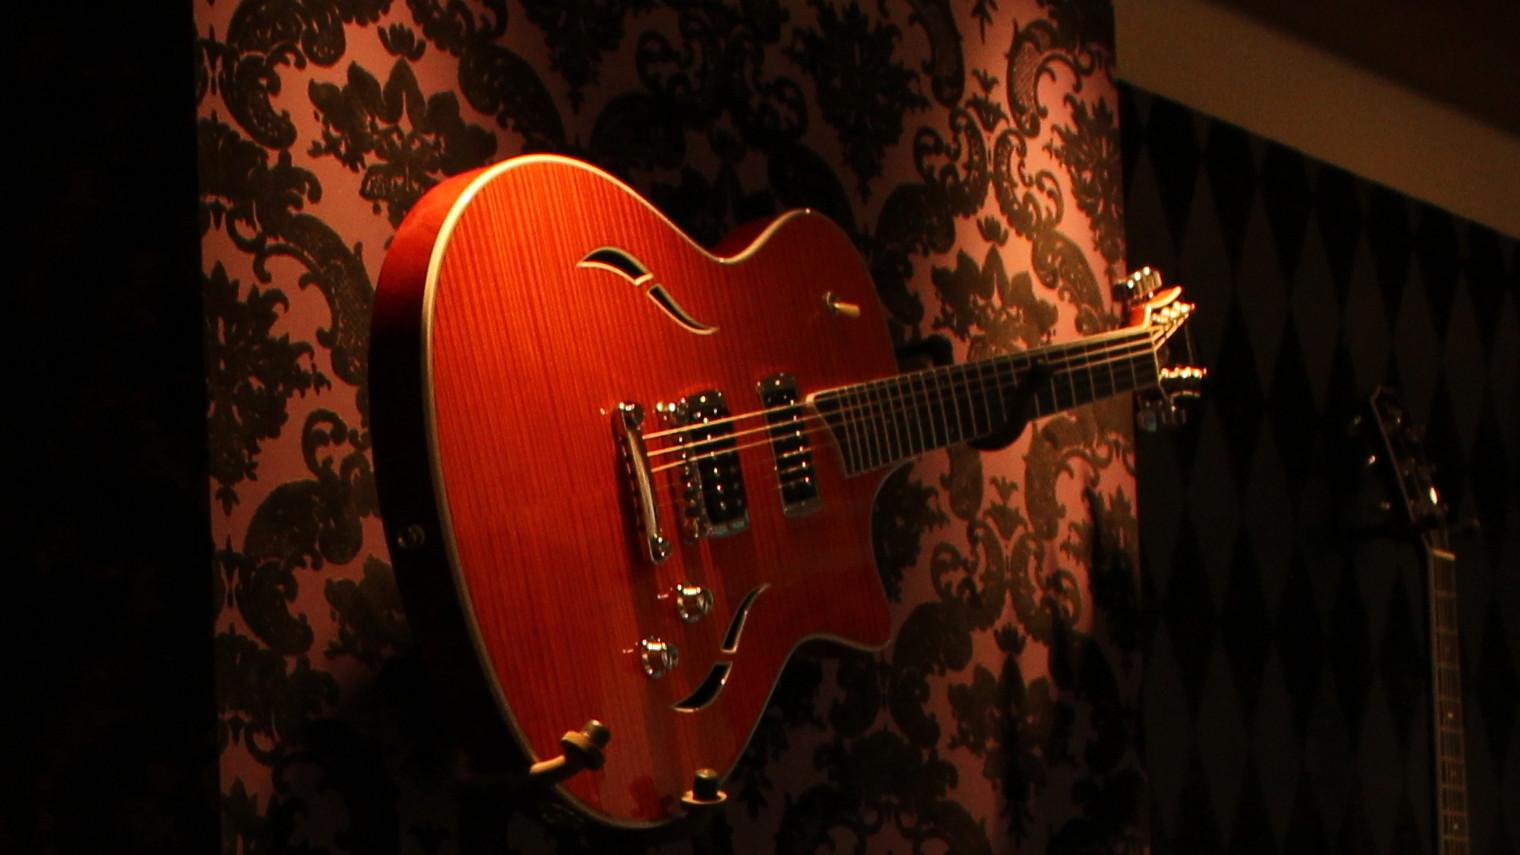 2014_06_23_San Diego_Taylor Guitars_1980 Gillespie Way, El Cajon, CA_D5__046_07.jpg